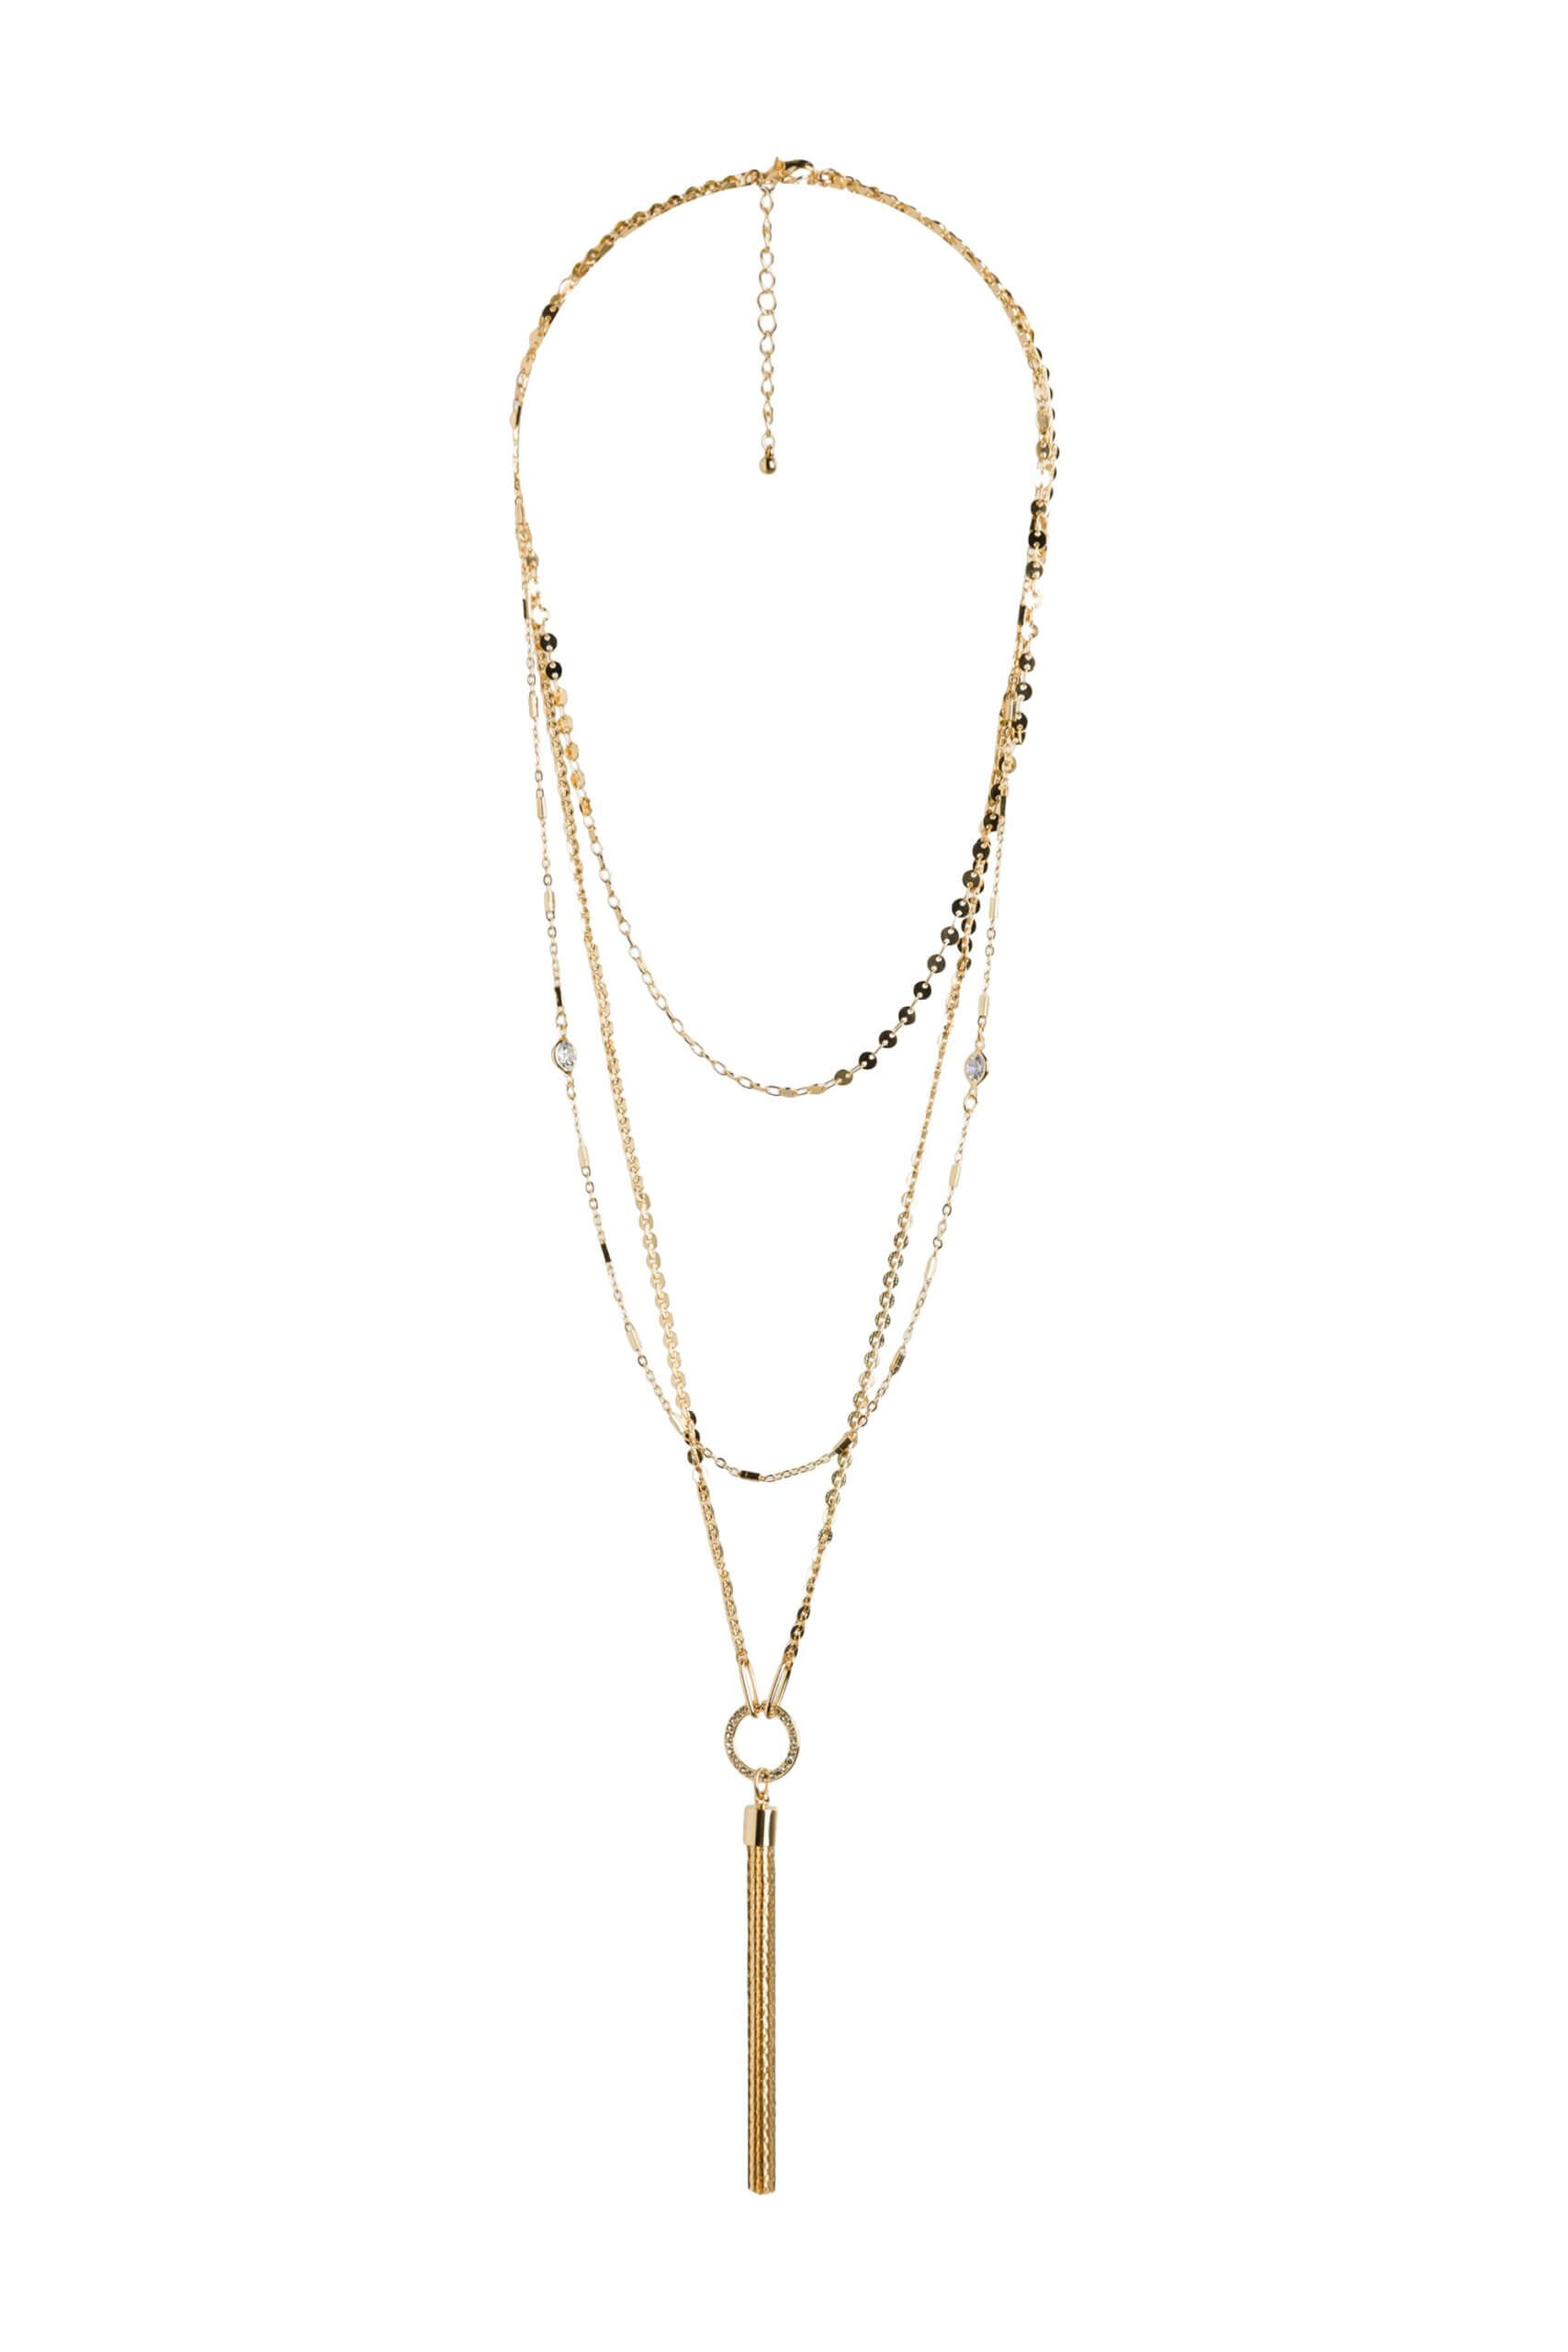 Stitch Fix women's gold tassel necklace.